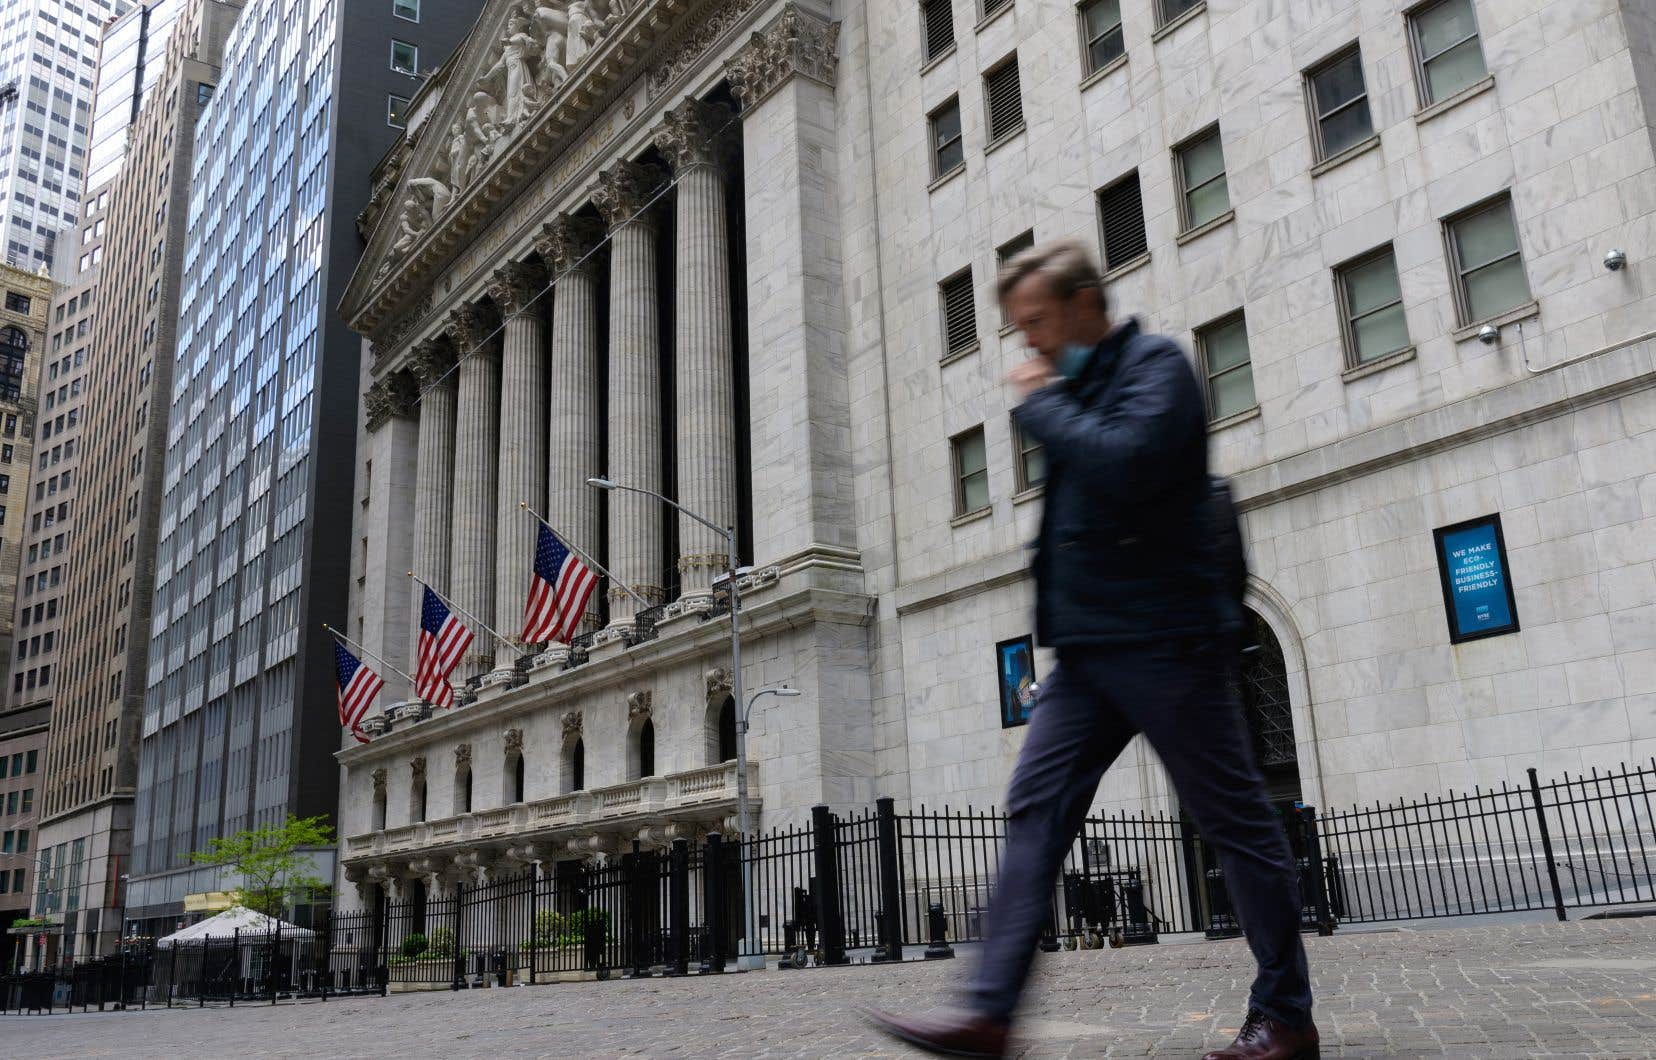 Sur Wall Street et dans les quartiers d'affaires de la Grosse Pomme, les travailleurs sont bien moins présents qu'ils l'étaient.